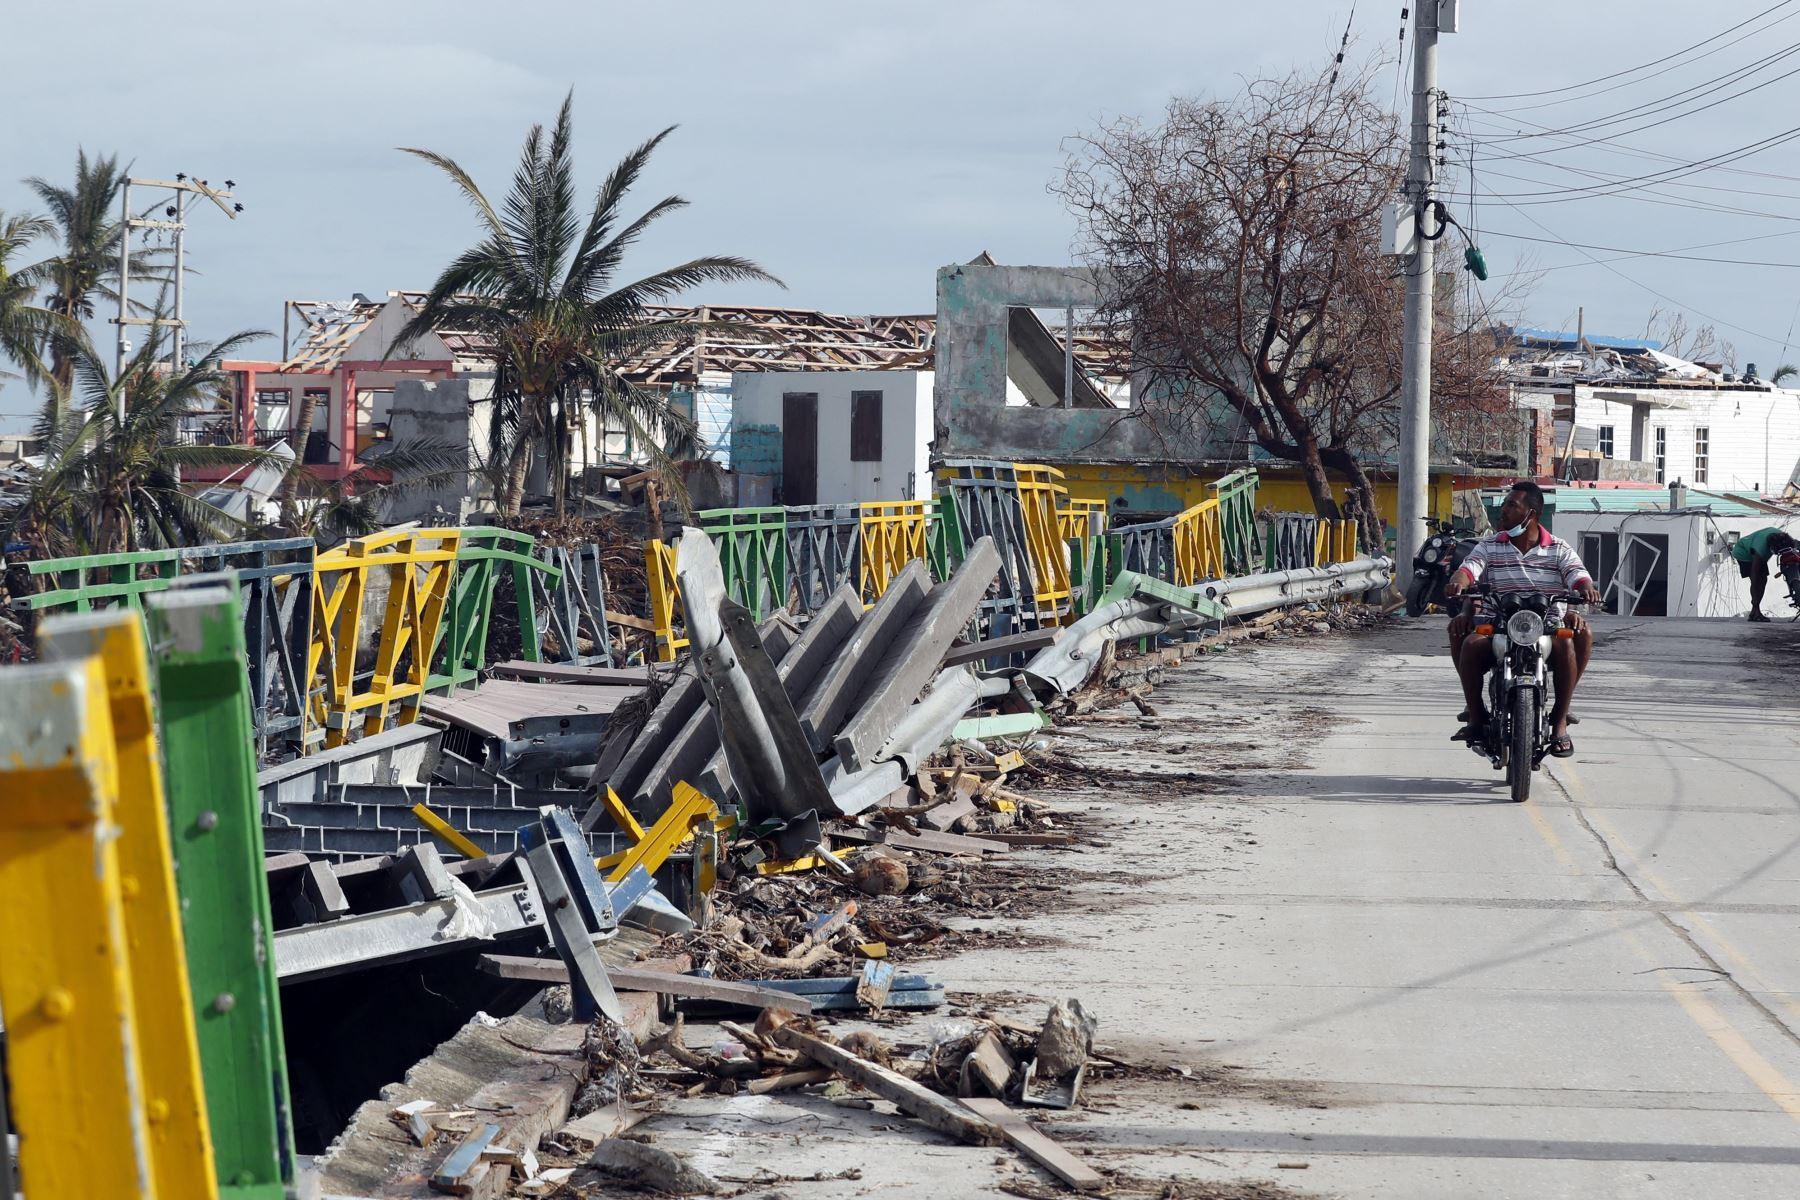 Vista hoy de la destrucción causada por el paso del huracán Iota, en la isla de Providencia, Archipiélago de San Andrés (Colombia). Foto: AFP